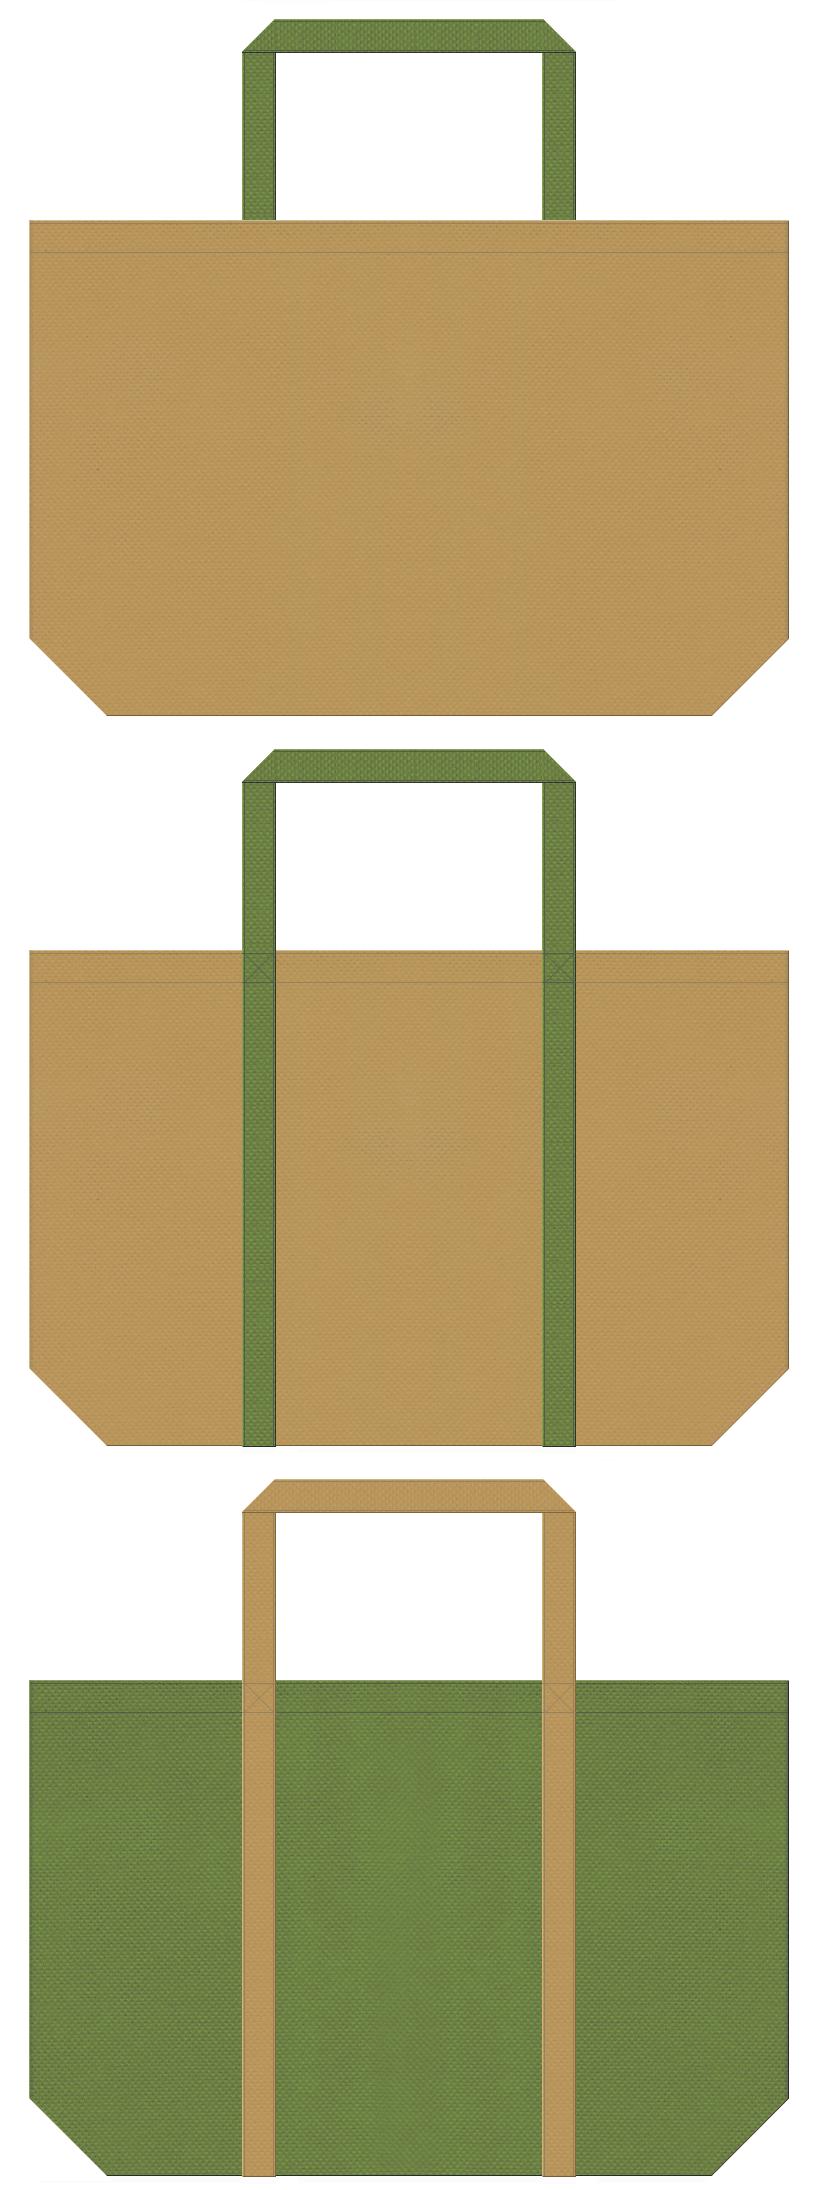 饅頭・造園・和風エクステリア・和風インテリア・DIY・江戸時代・屏風・お灸・お線香・漢方薬・茶室・茶道具・そば・民芸品のショッピングバッグにお奨めの不織布バッグデザイン:マスタード色と草色のコーデ